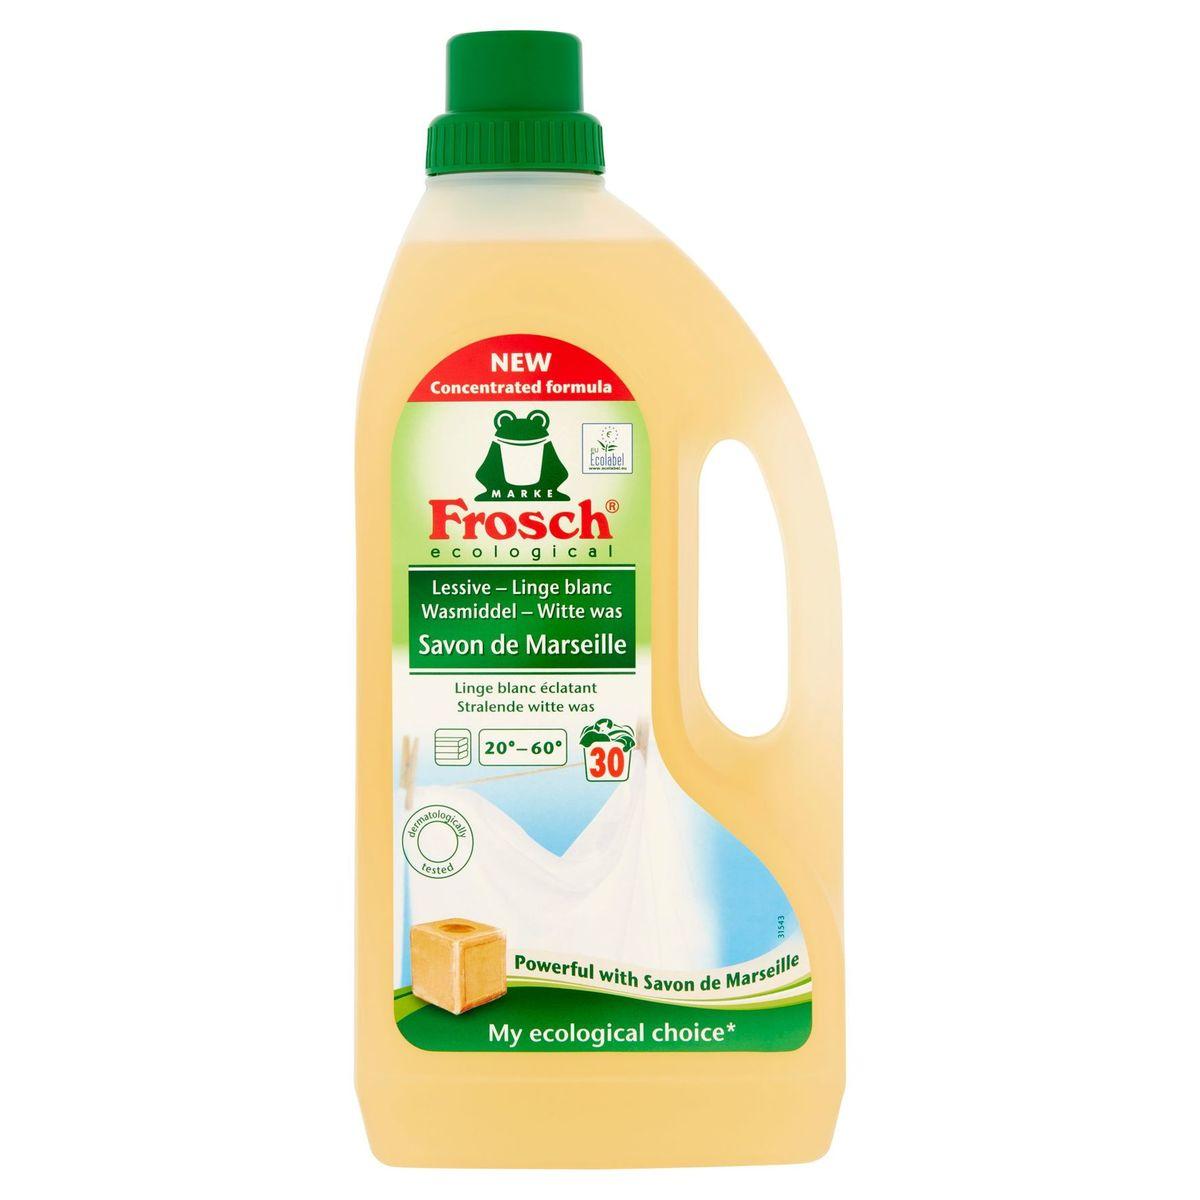 Frosch Ecological Wasmiddel Witte Was 30 Wasbeurten 1.5 L